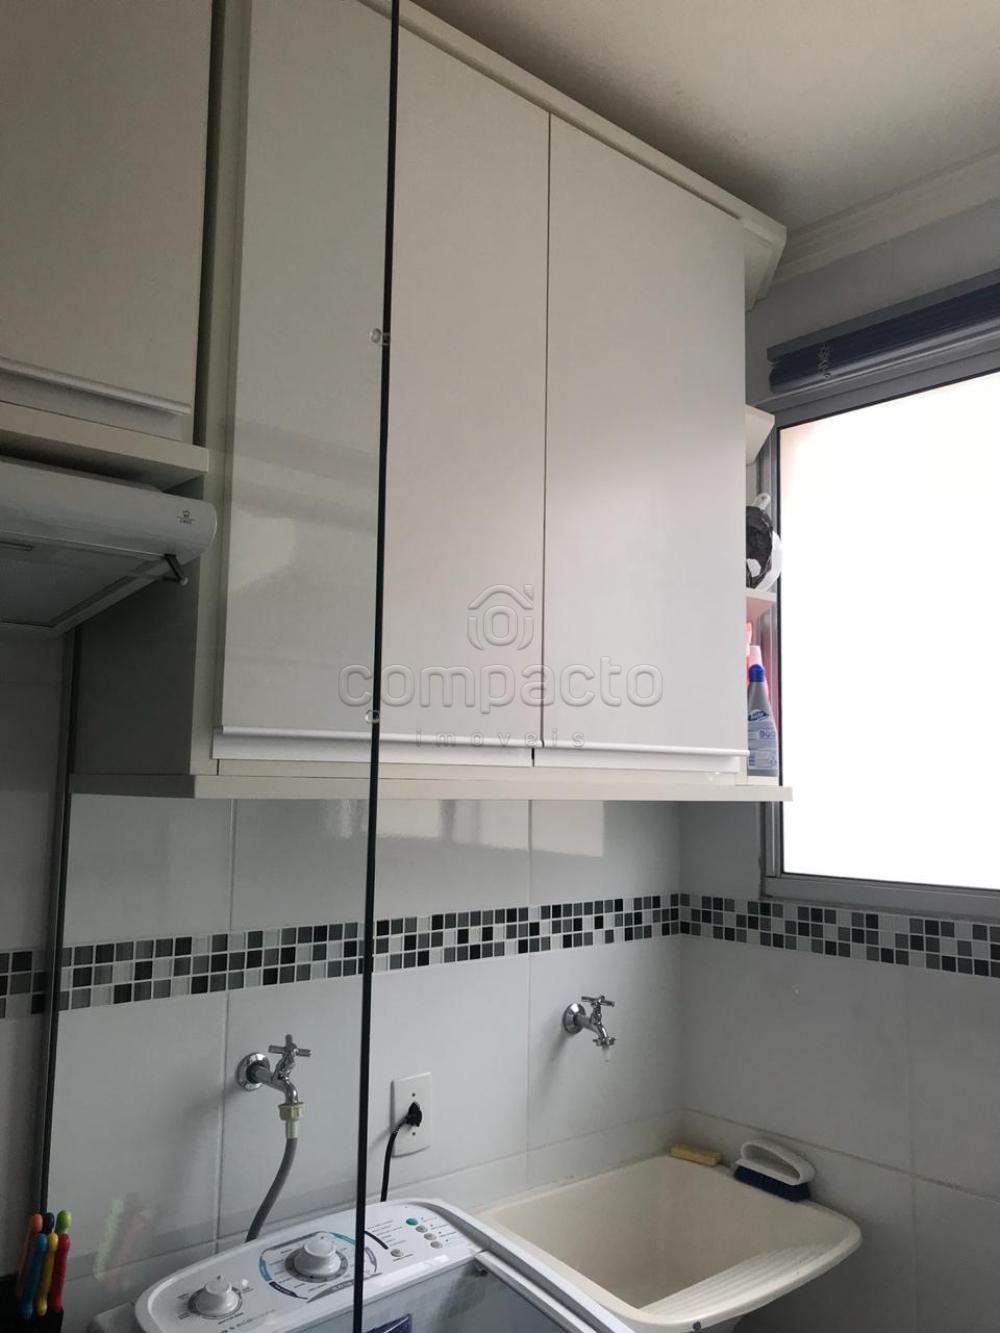 Alugar Apartamento / Padrão em São José do Rio Preto apenas R$ 800,00 - Foto 16